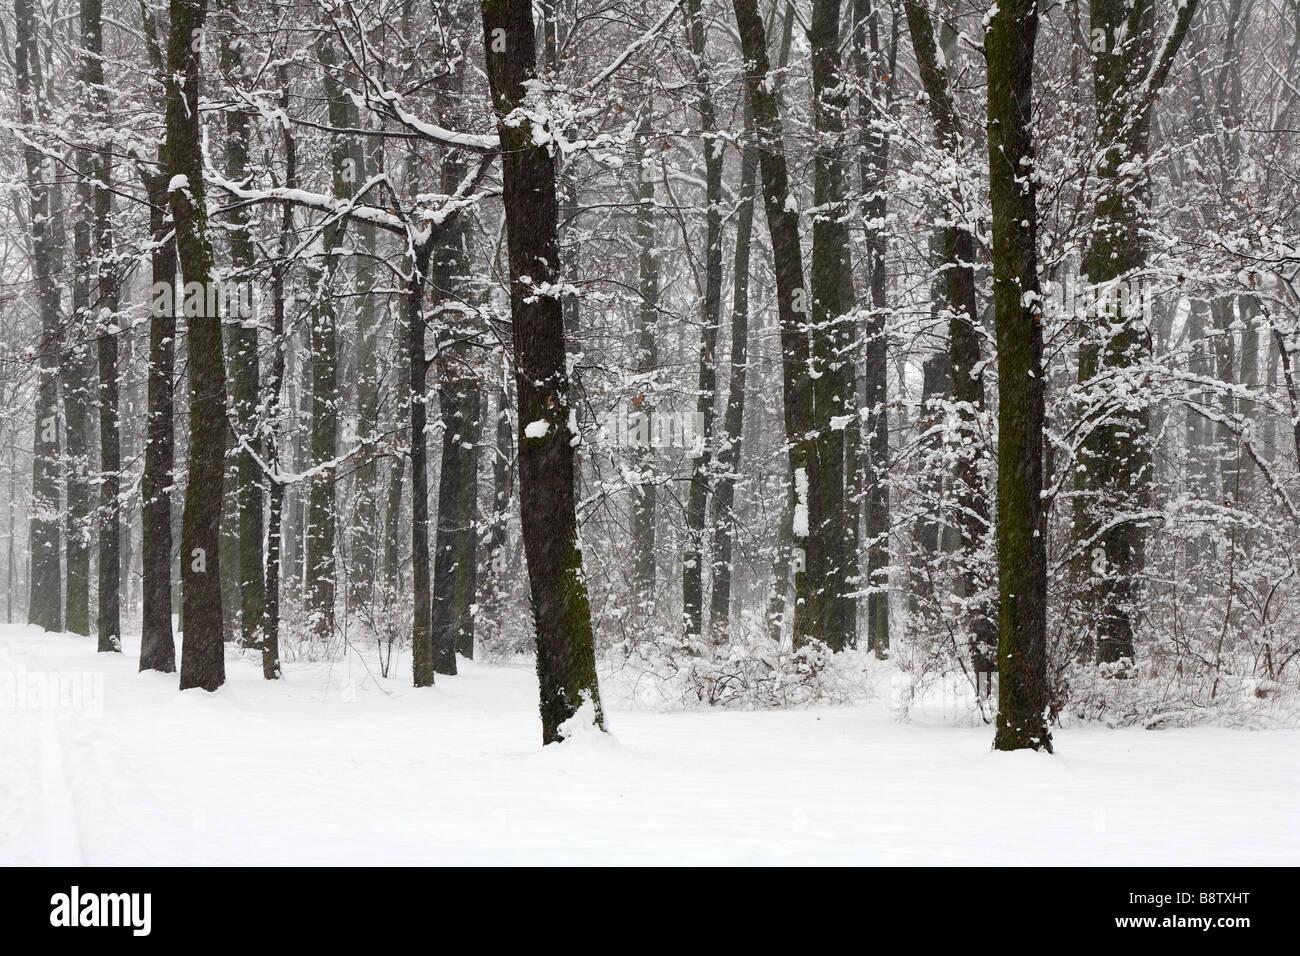 Foresta invernale durante la nevicata Immagini Stock